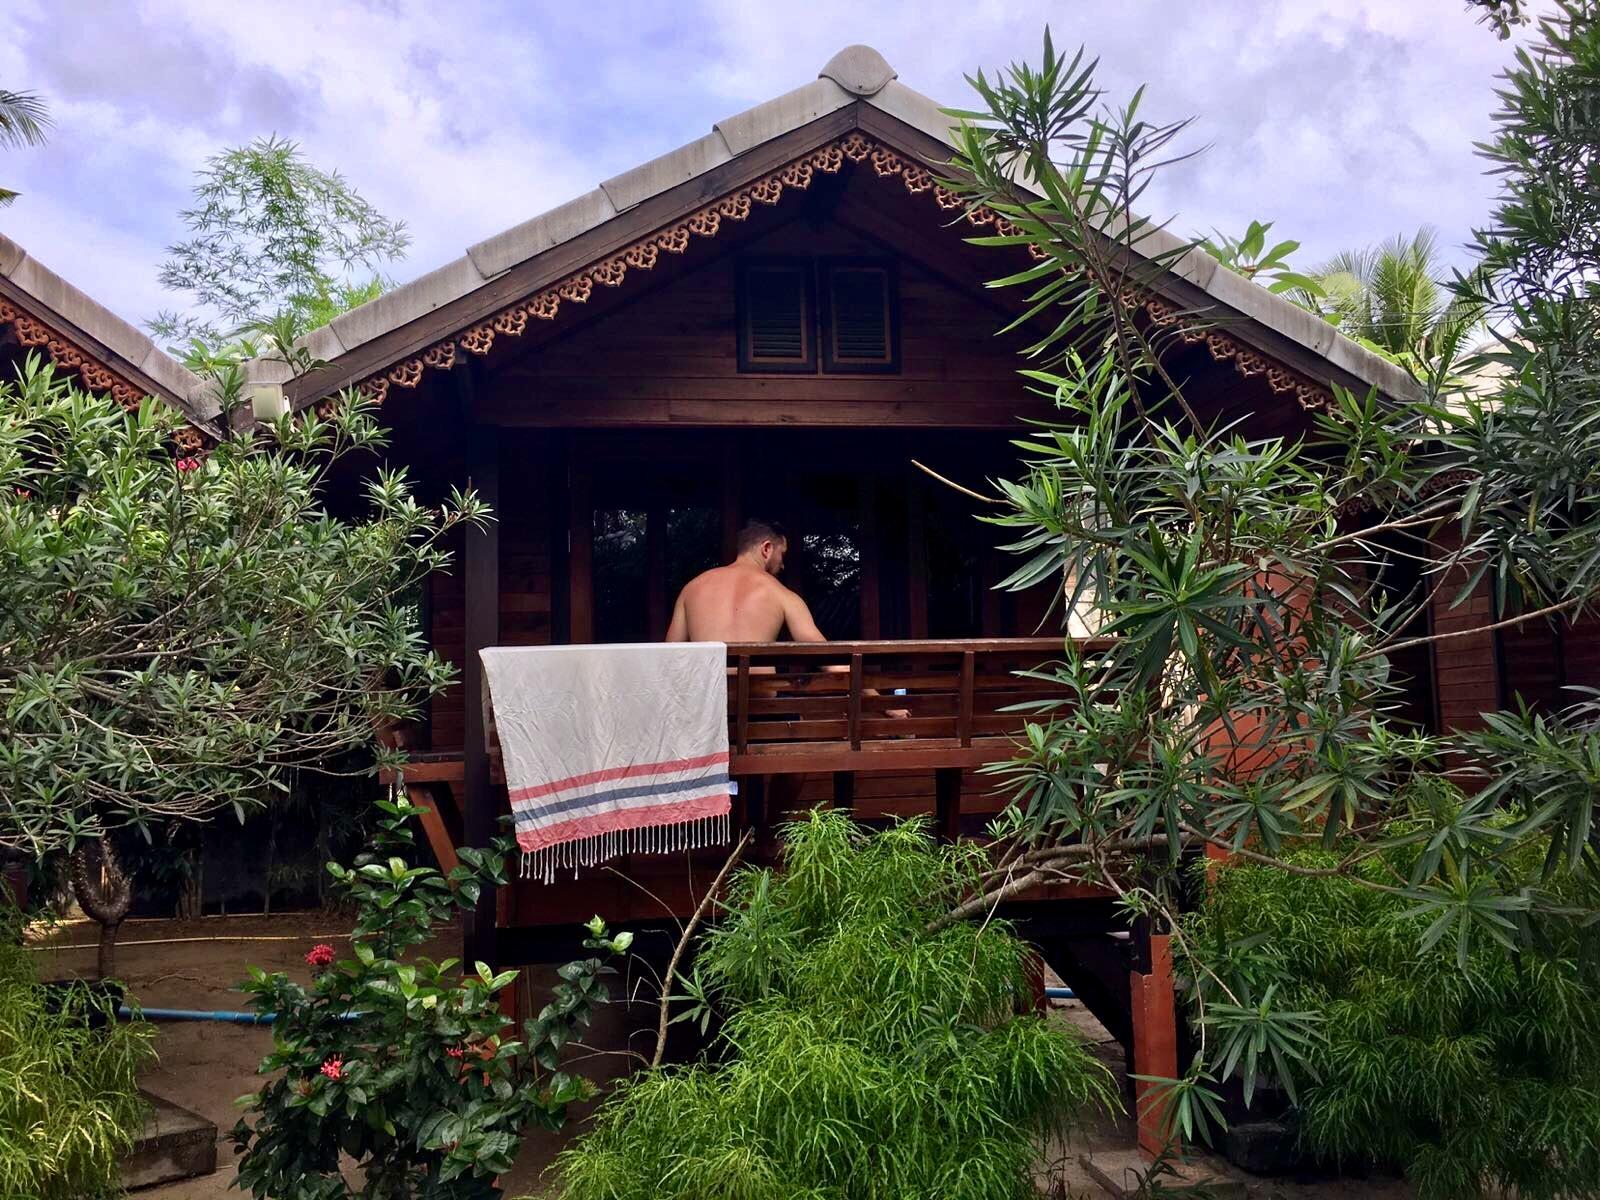 Luf Turkish towel towel holiday